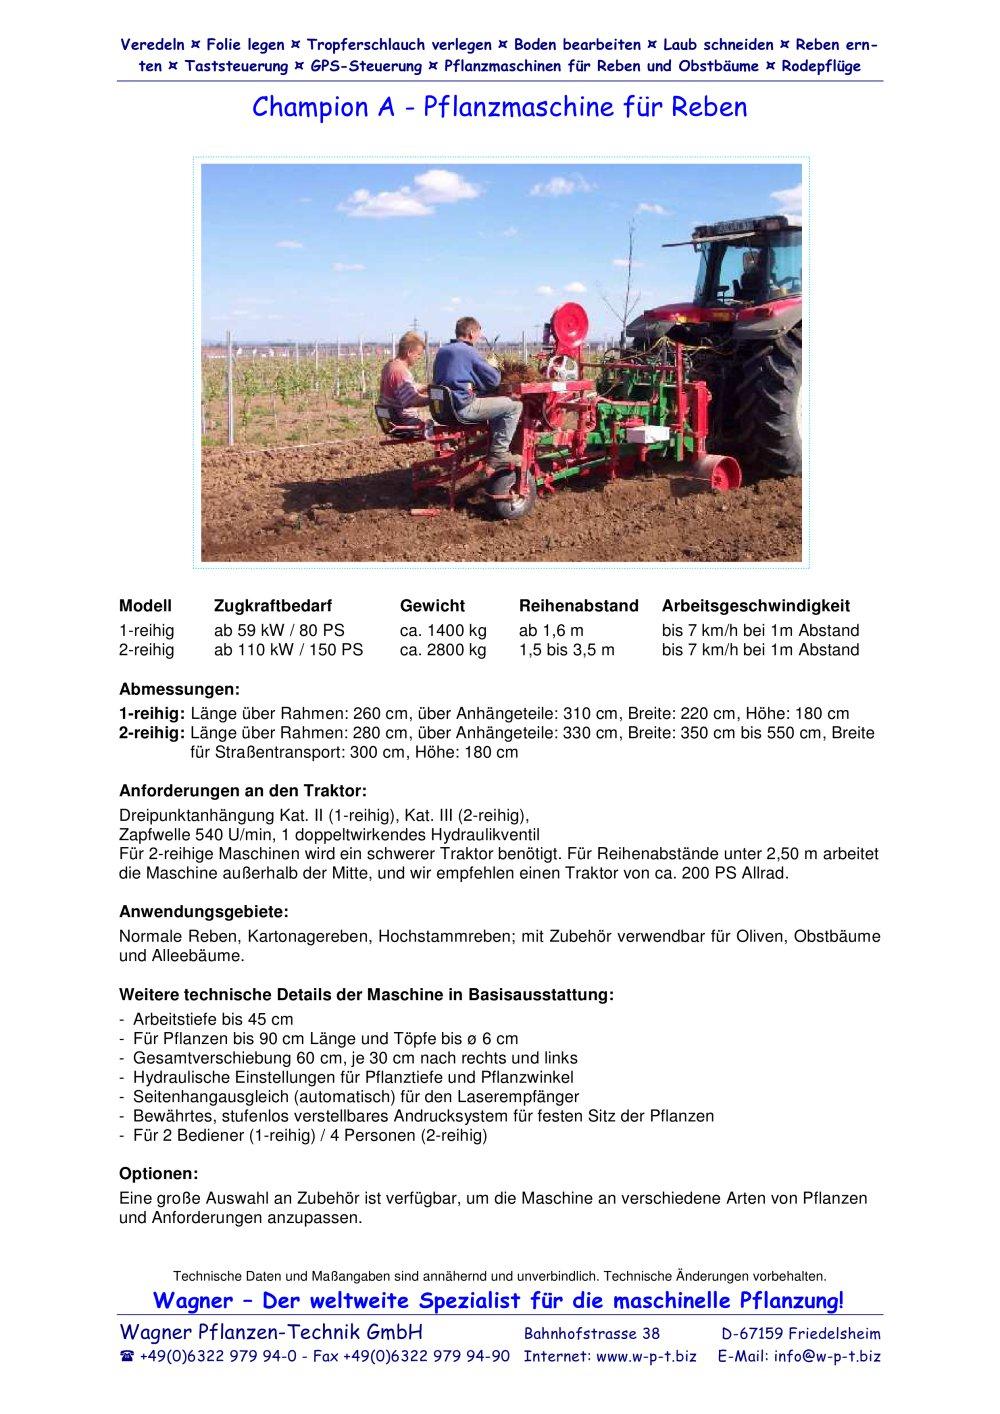 Champion A - Wagner Pflanzen-Technik GmbH - PDF Katalog | technische ...